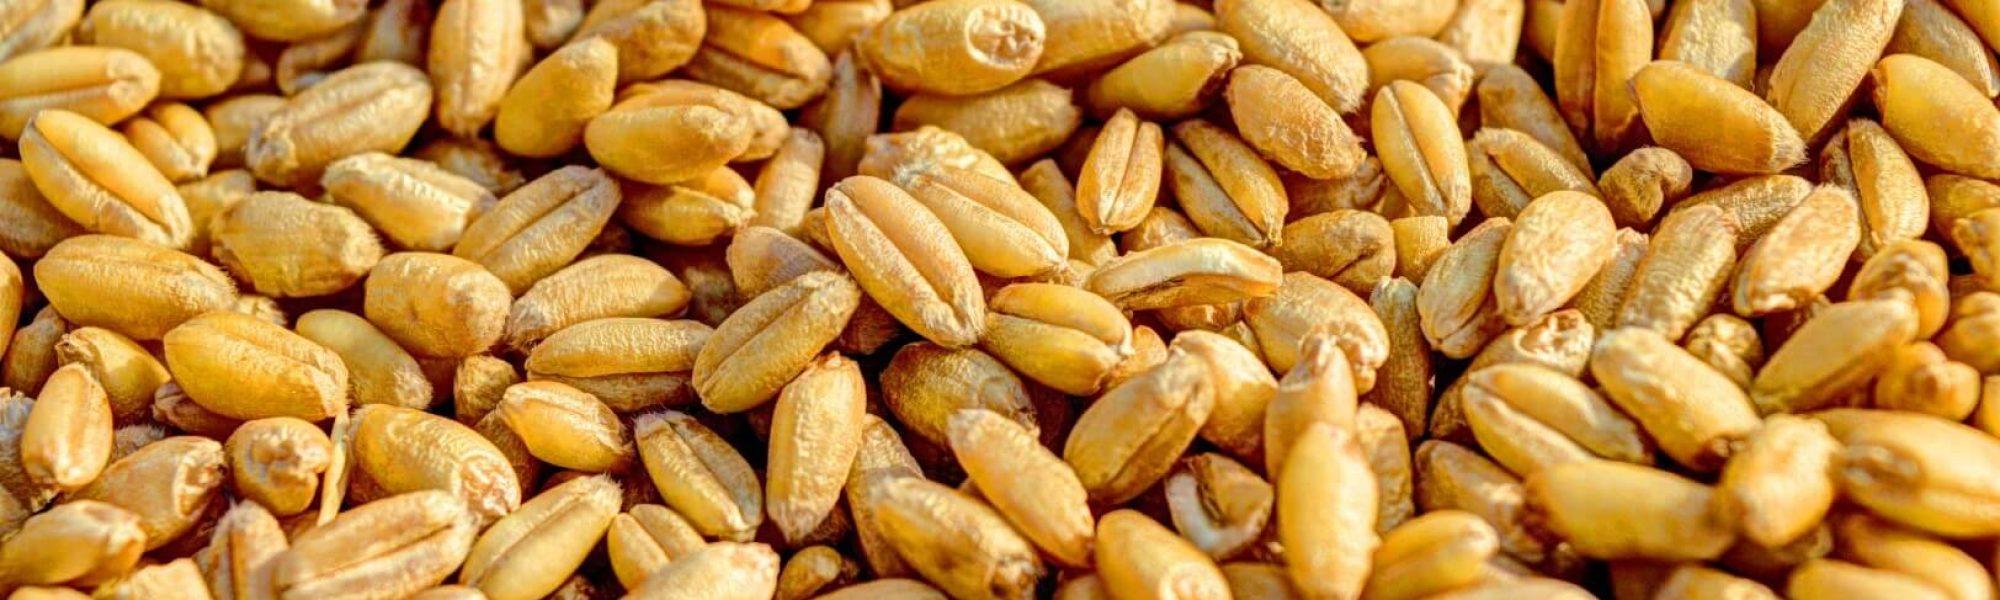 המון גרעיני חיטה שמהם אפשר להכין לחם